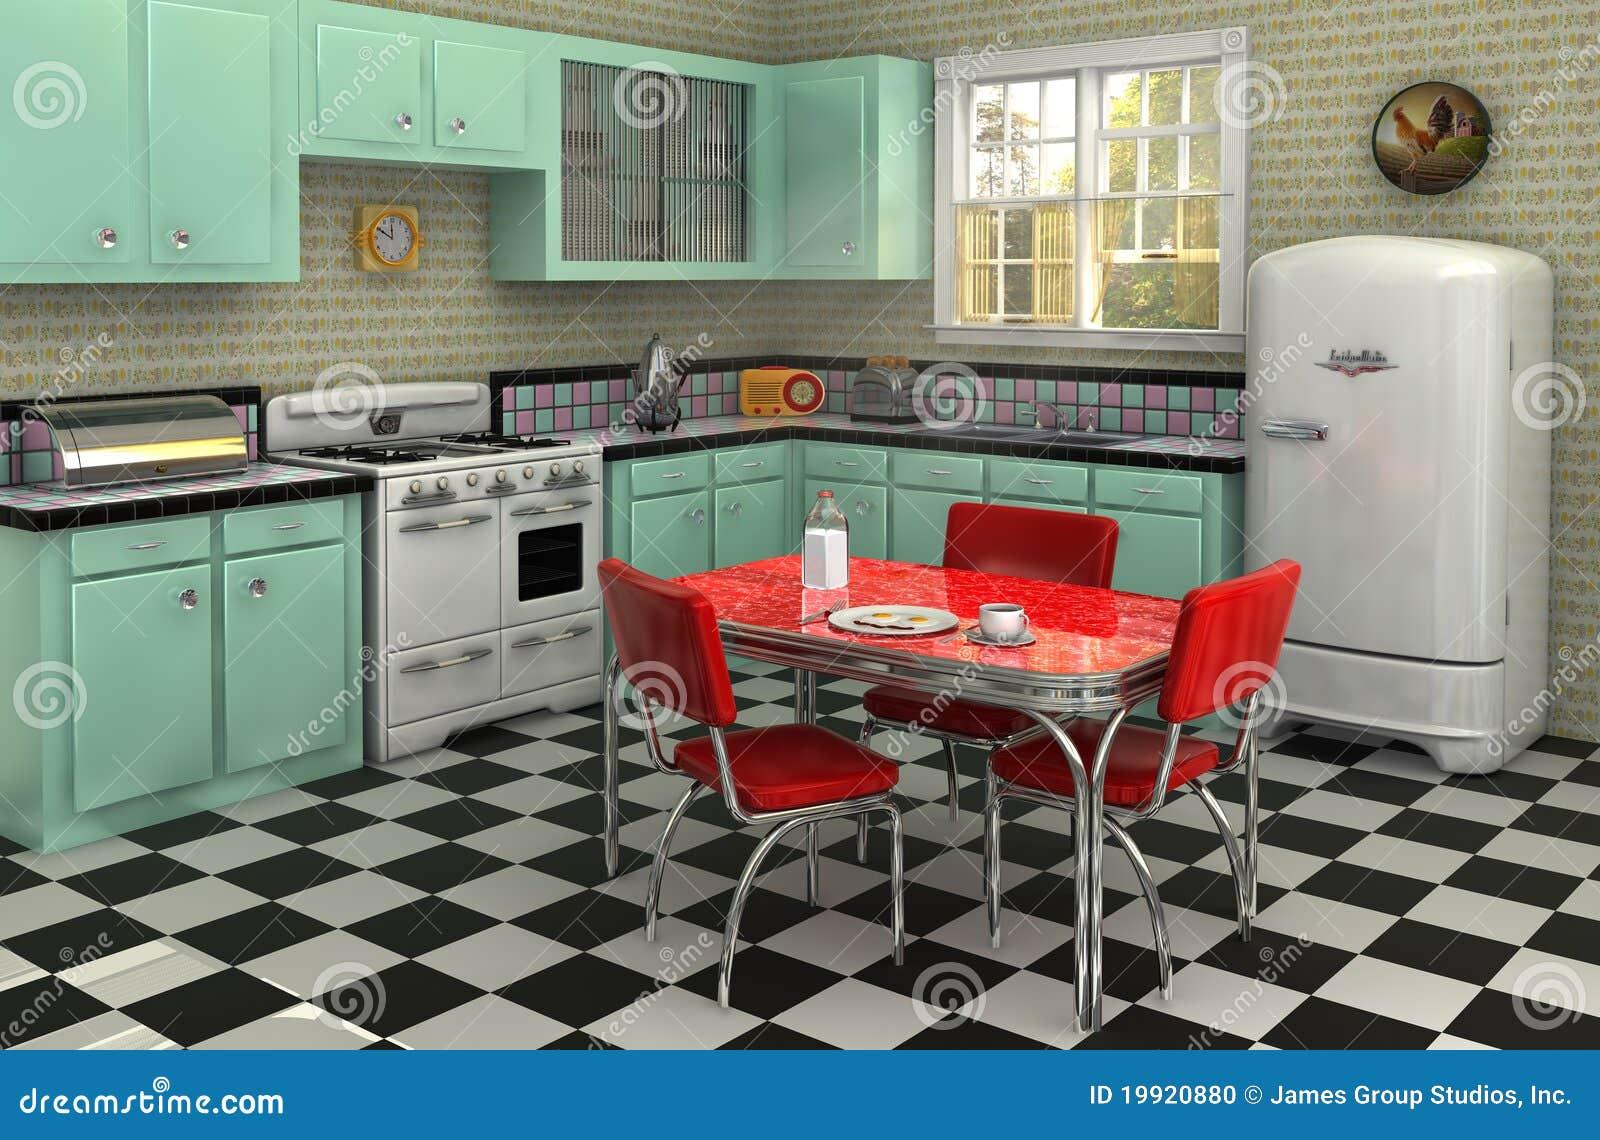 Retro Kitchen Cabinets Cocina De Los A 241 Os 50 Foto De Archivo Imagen 19920880